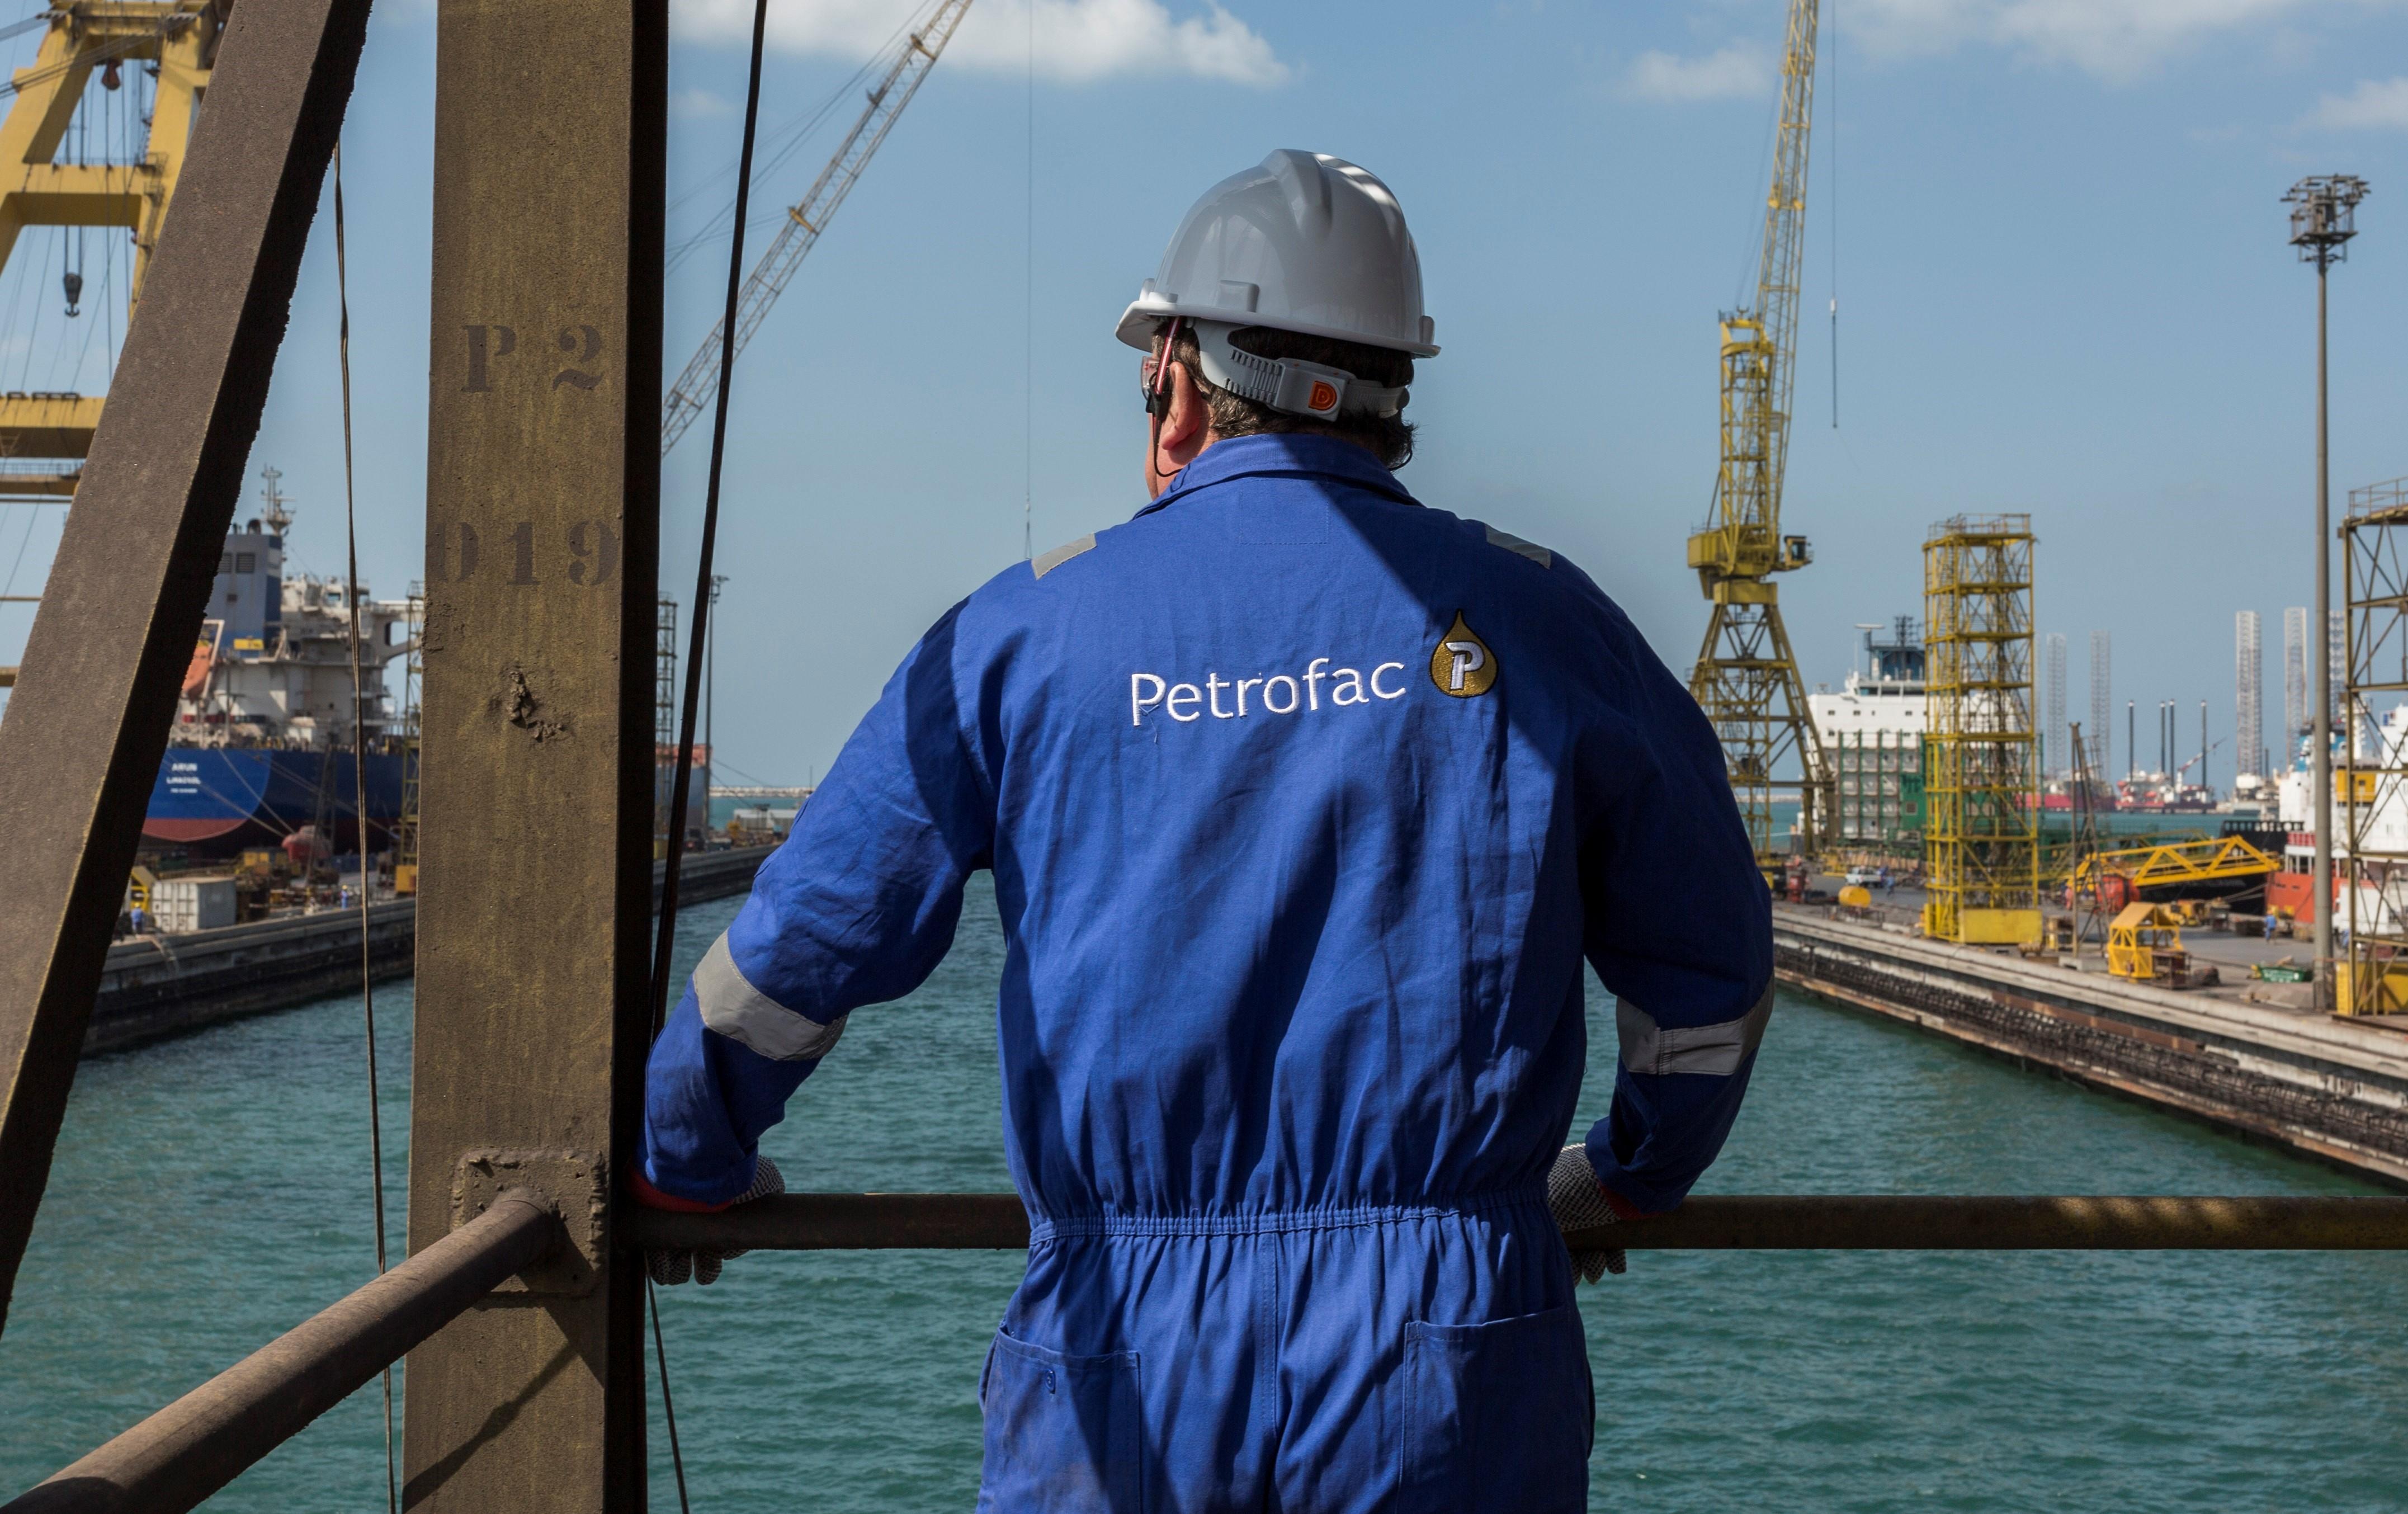 Petrofac bribery